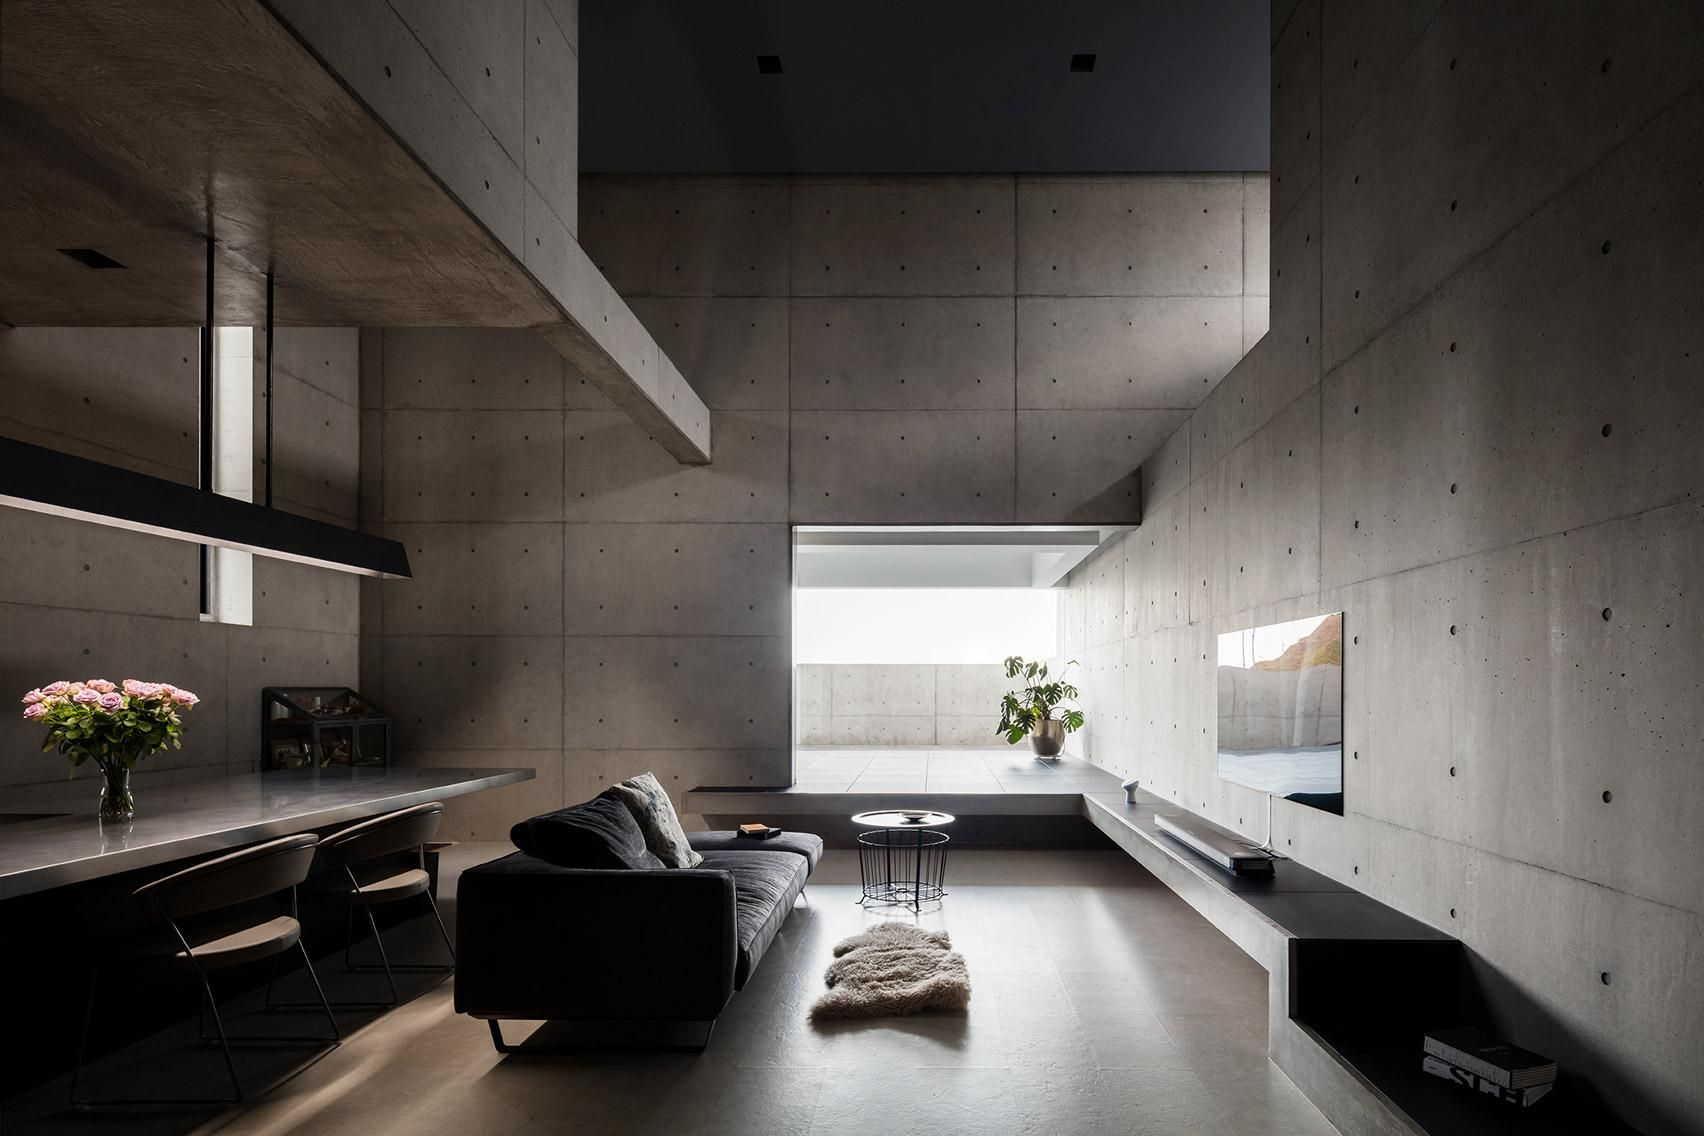 Thiết kế không gian theo phong cách Brutalism